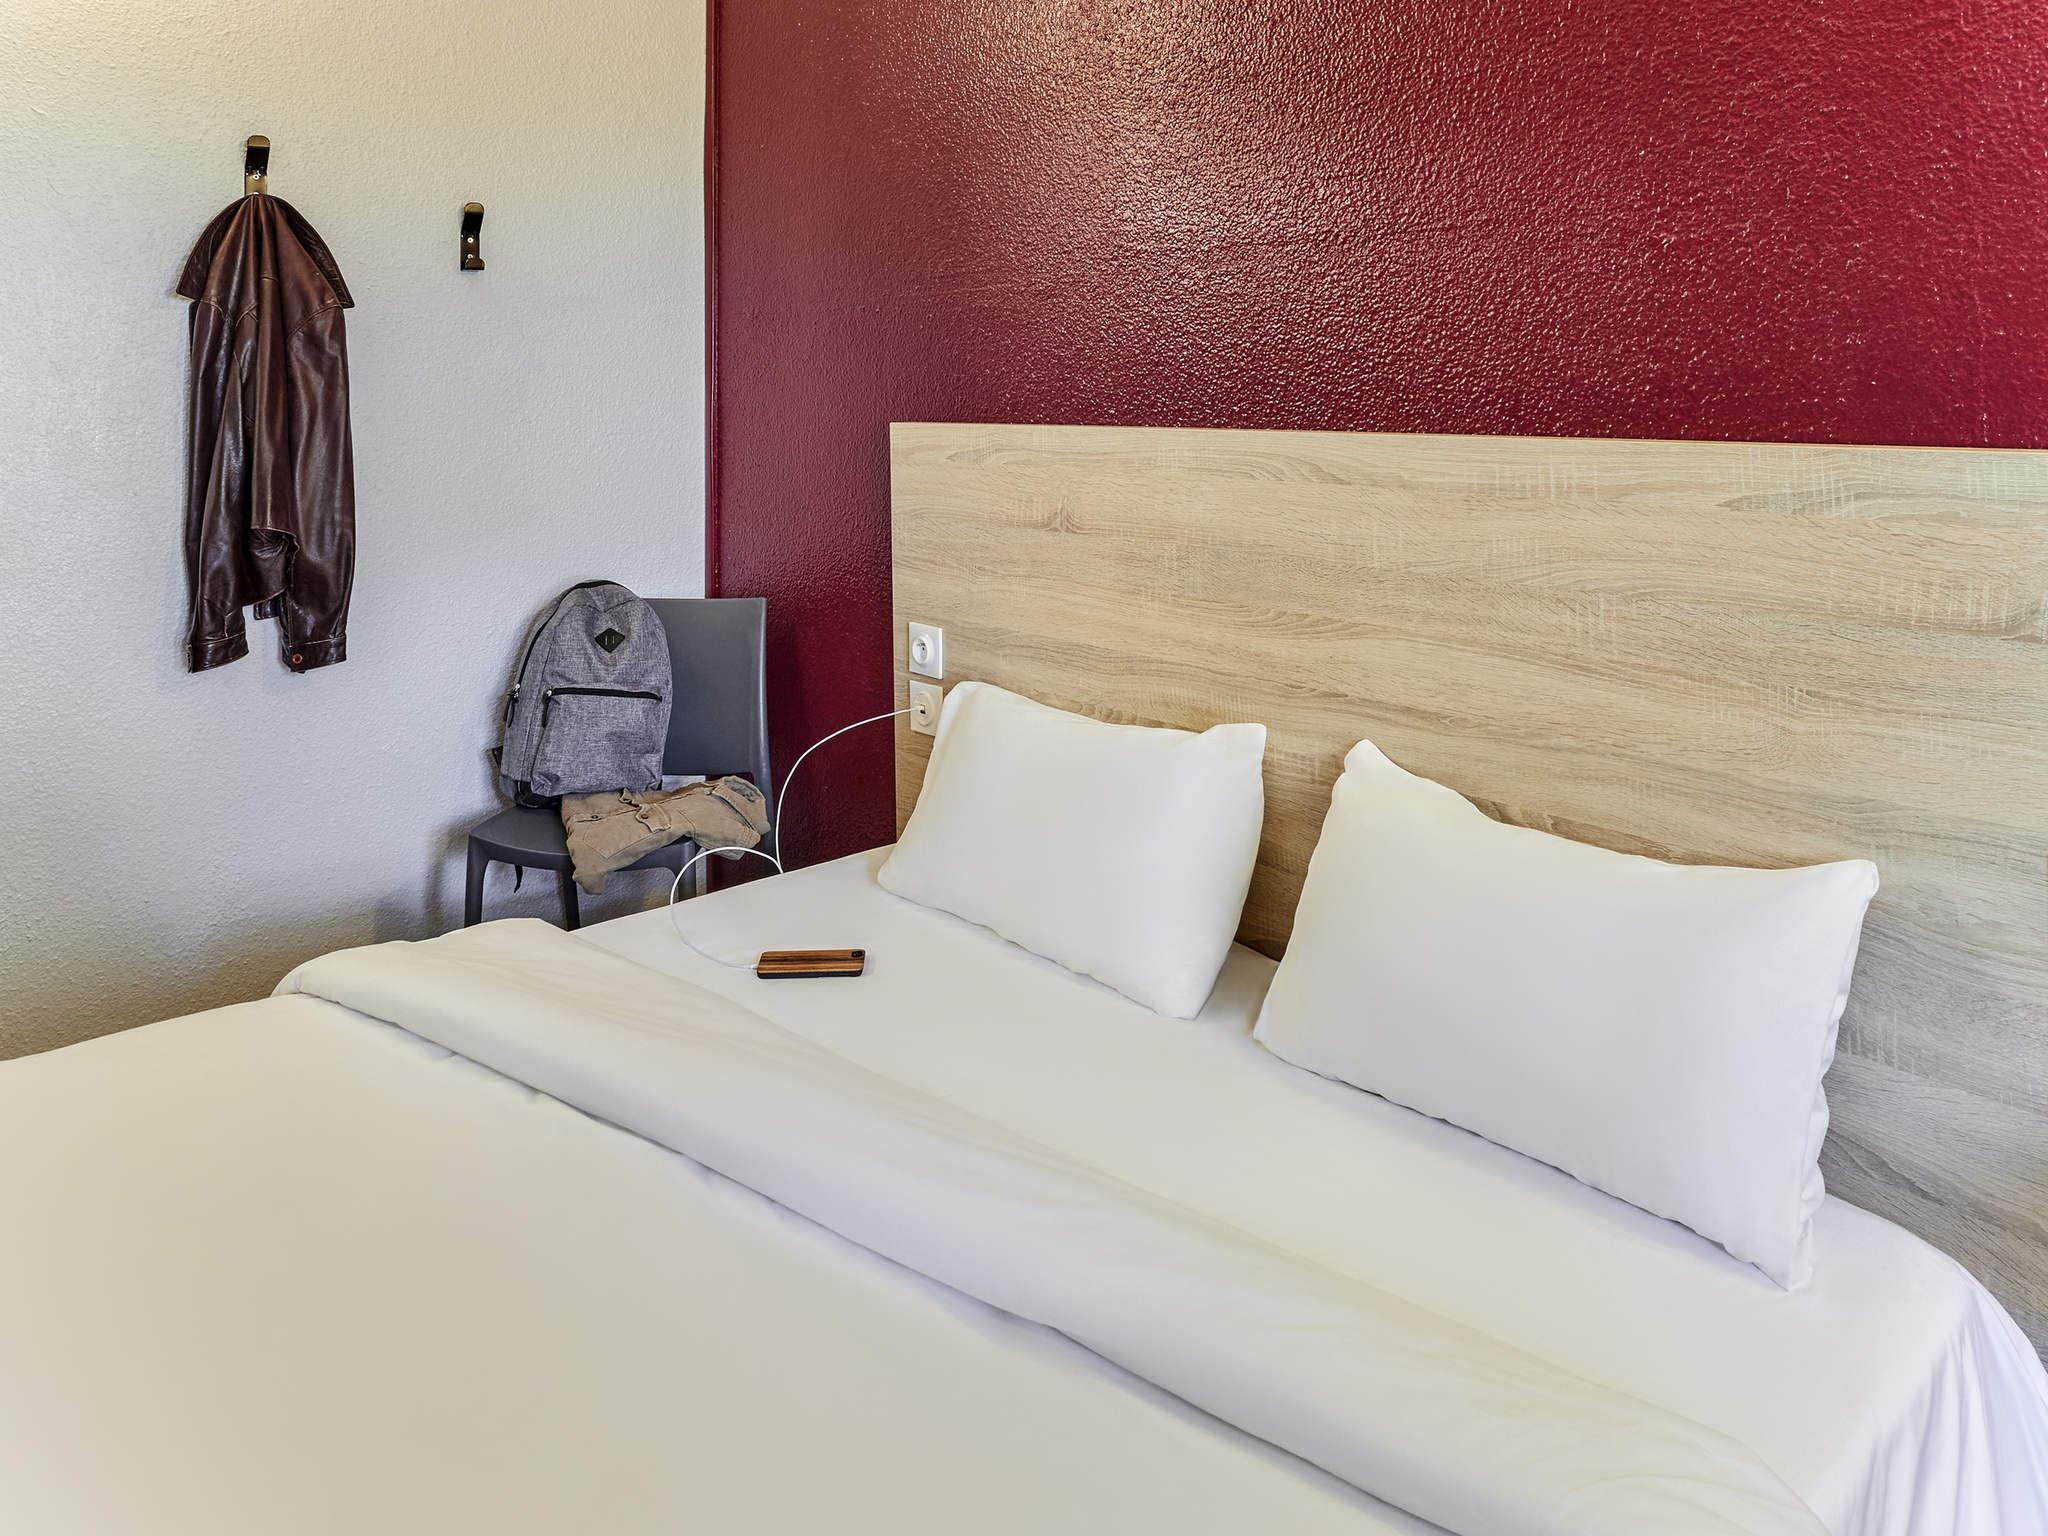 Hotel – hotelF1 Marselha Plan de Campagne N°2